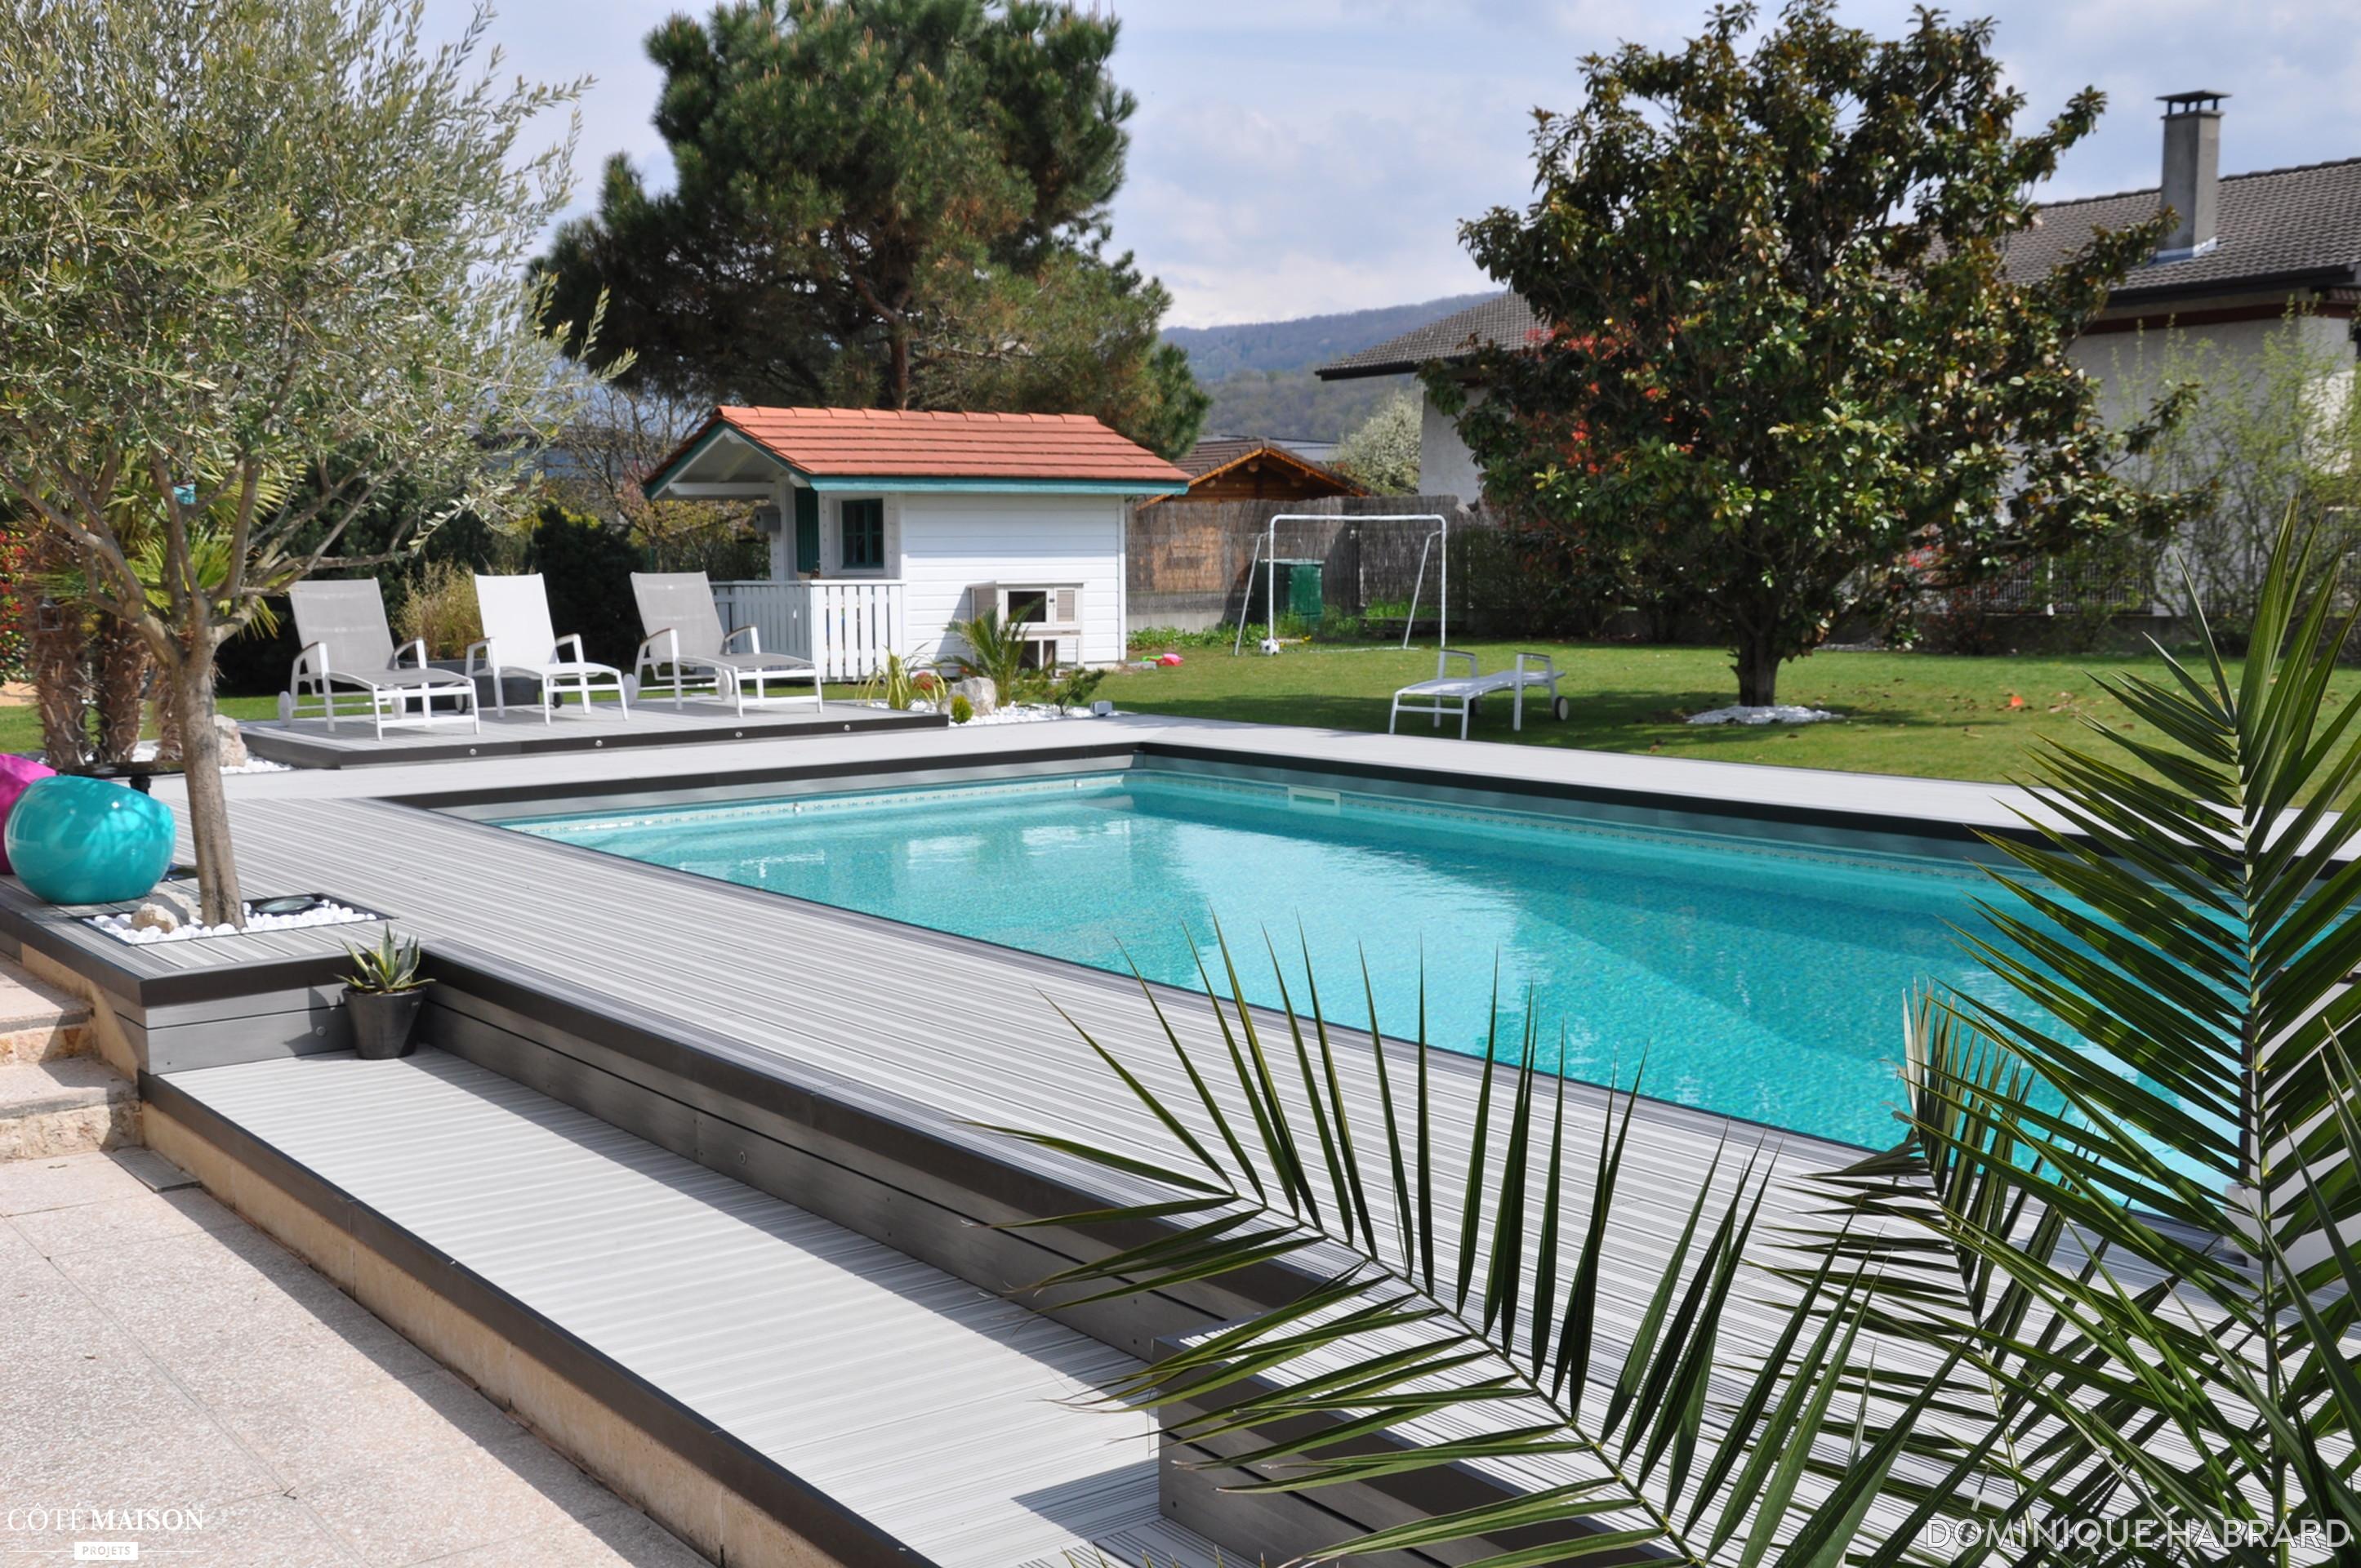 Terrasse piscine bois composite gris - Terrasse autour piscine ...